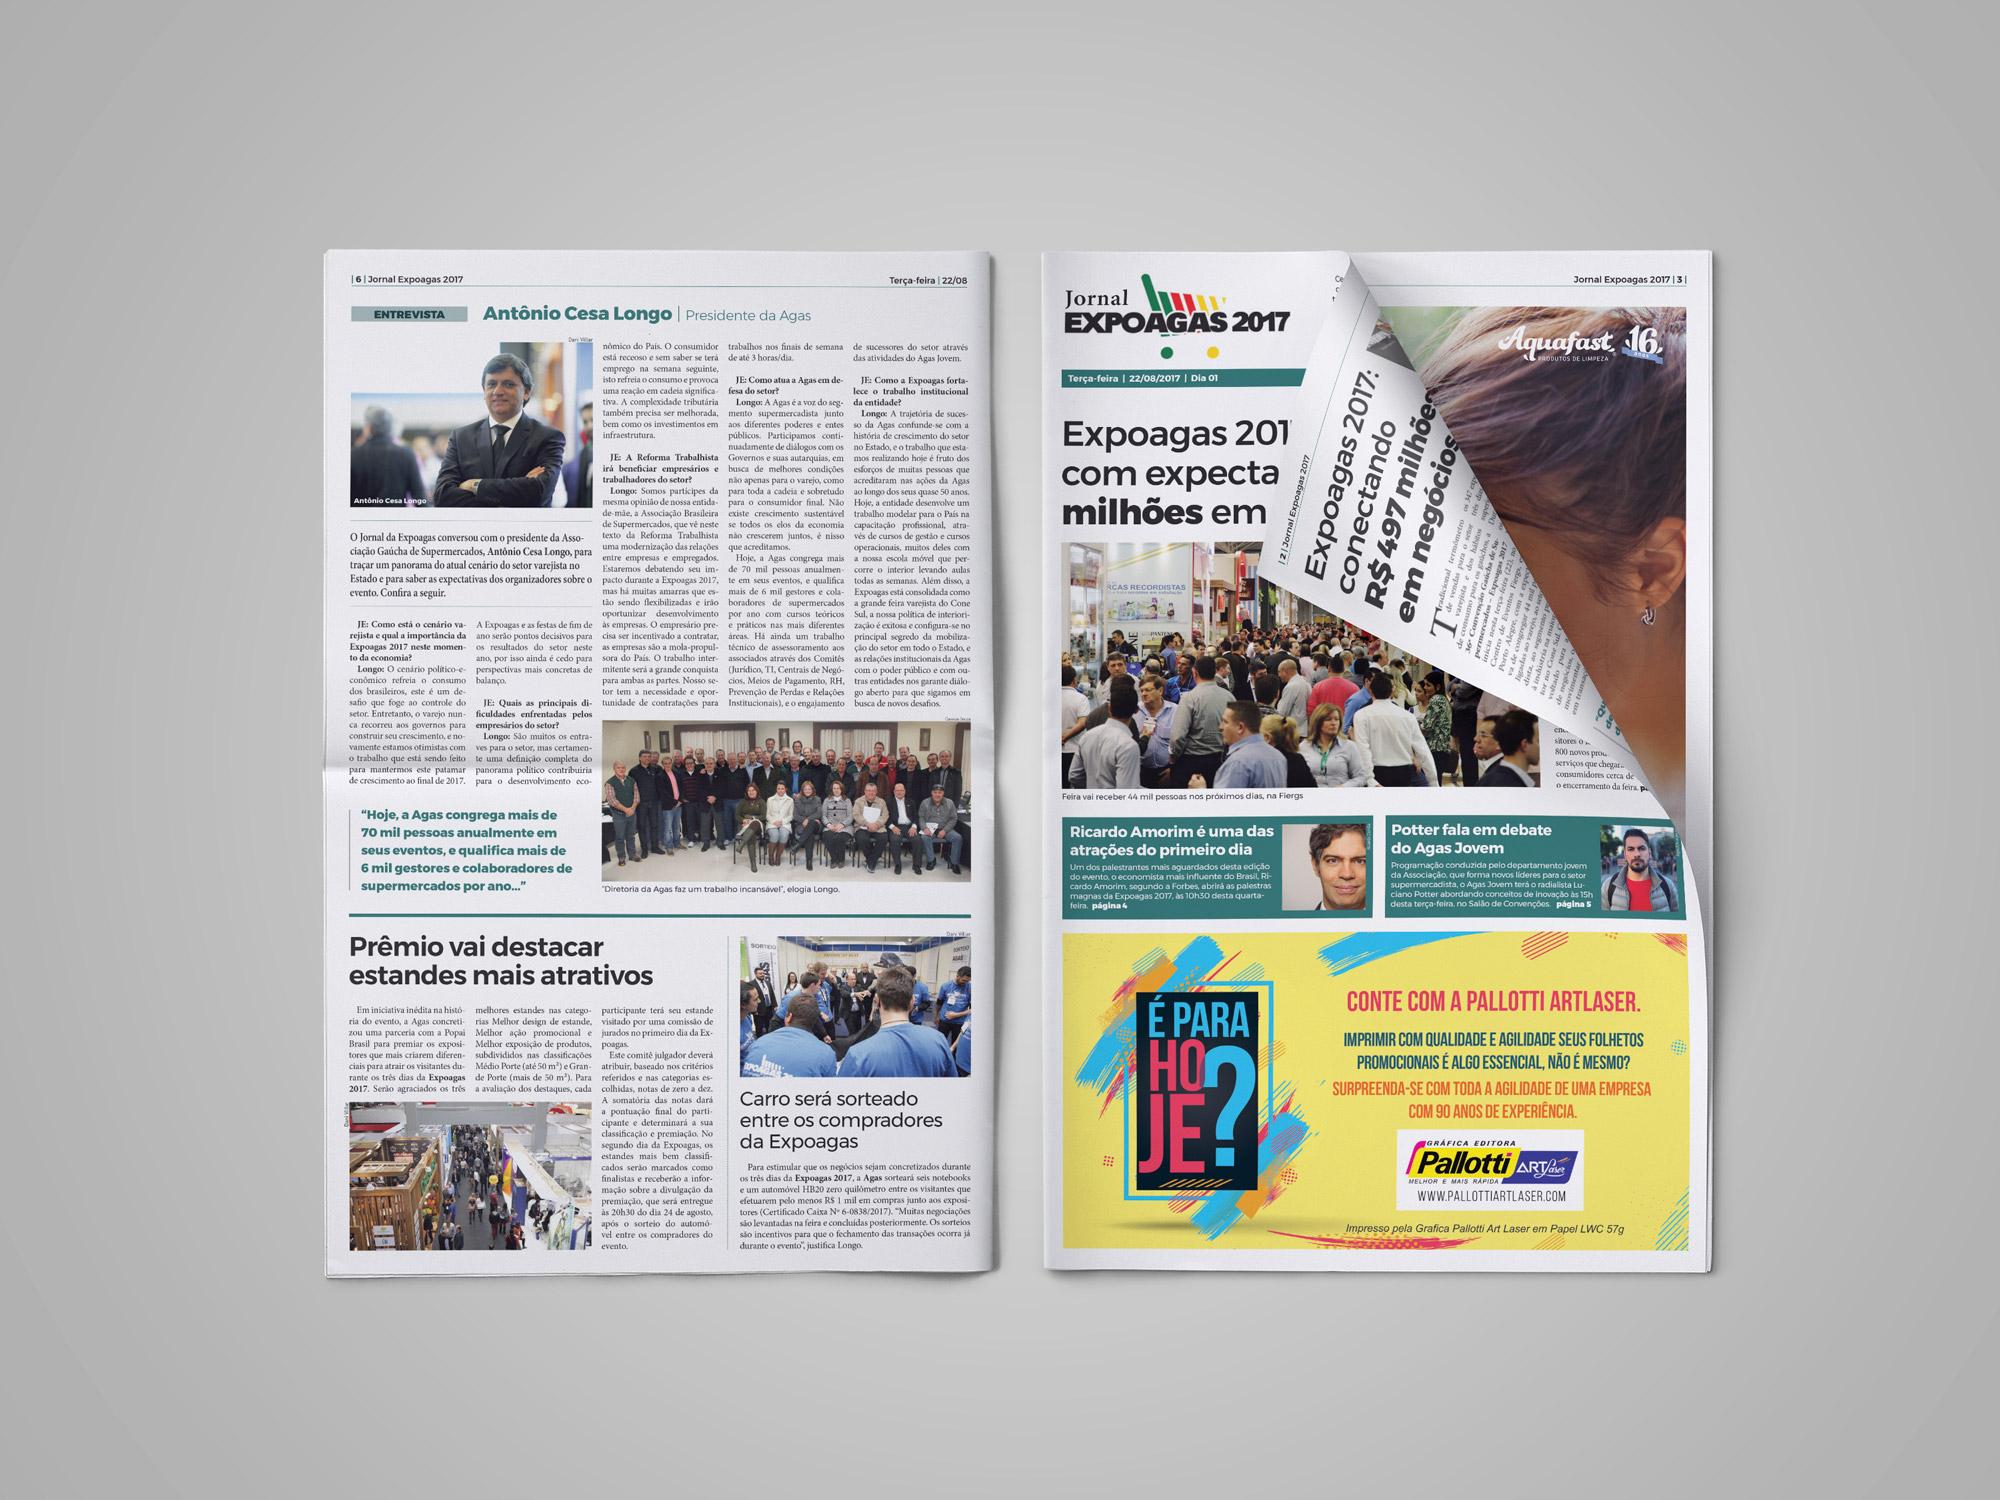 Jornal Expoagas - edição 2017 - capa